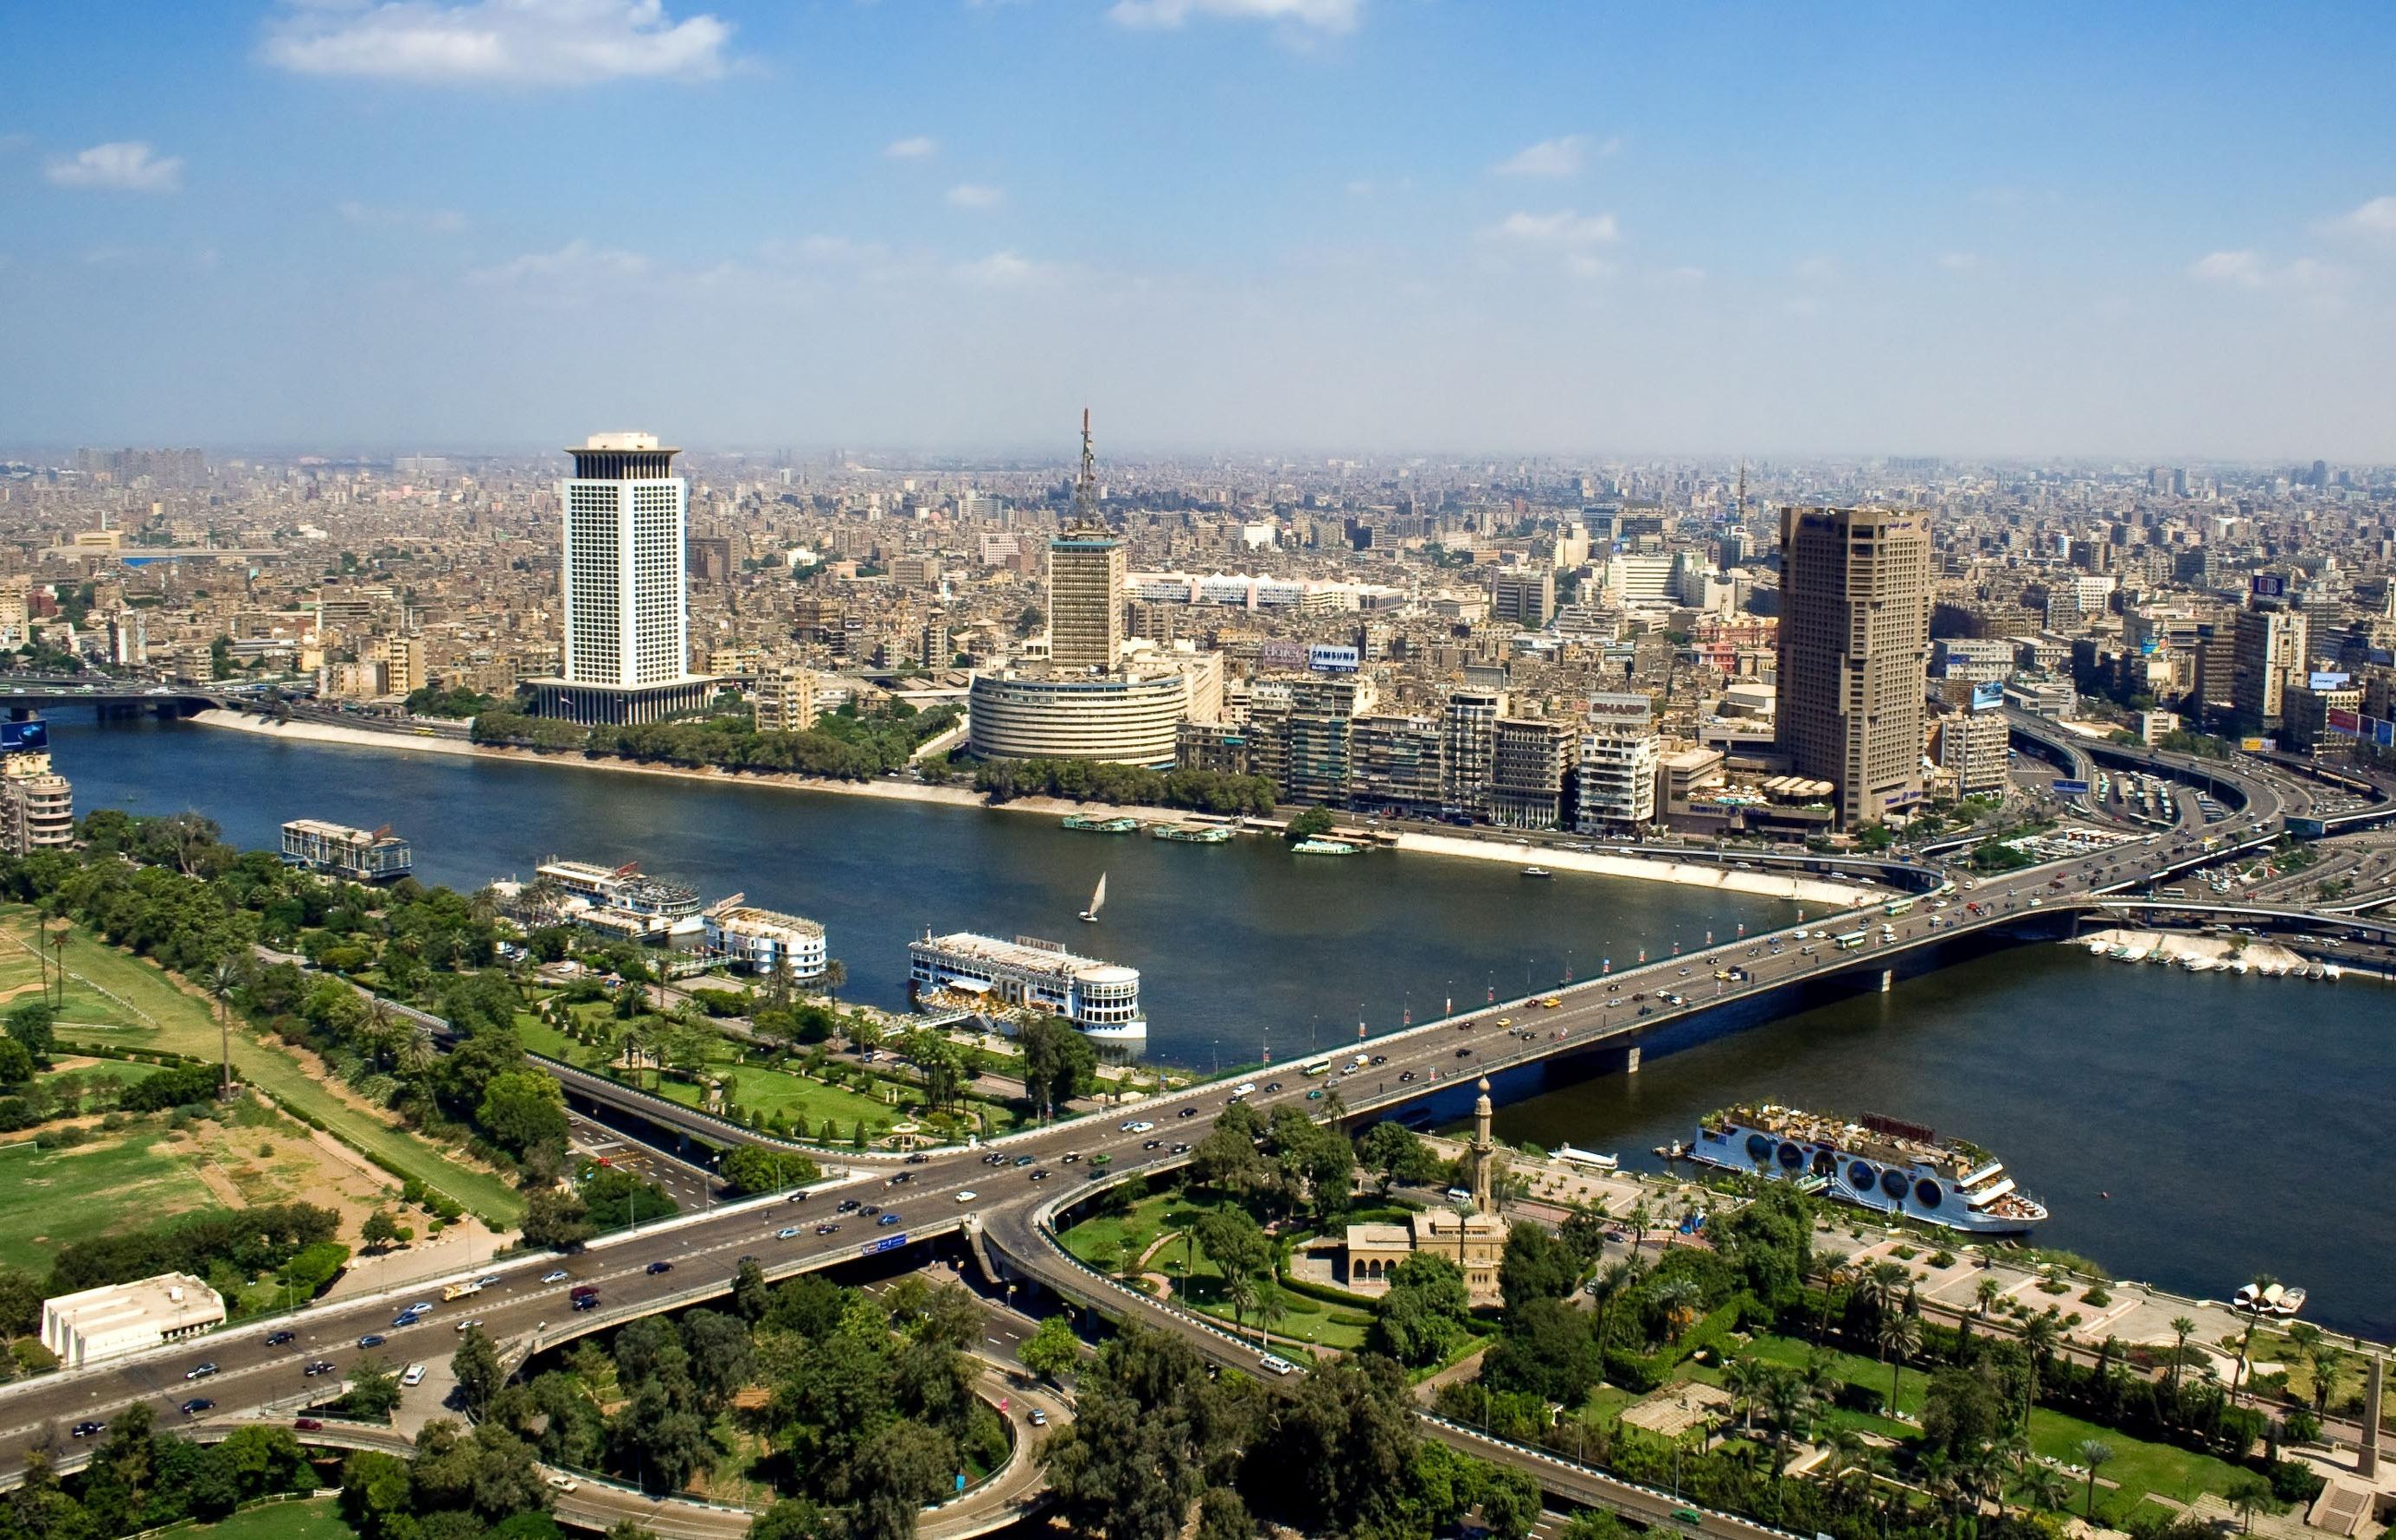 http://shbabbek.com/upload/طقس يوم العيد حار والعظمى في القاهرة 37 درجة